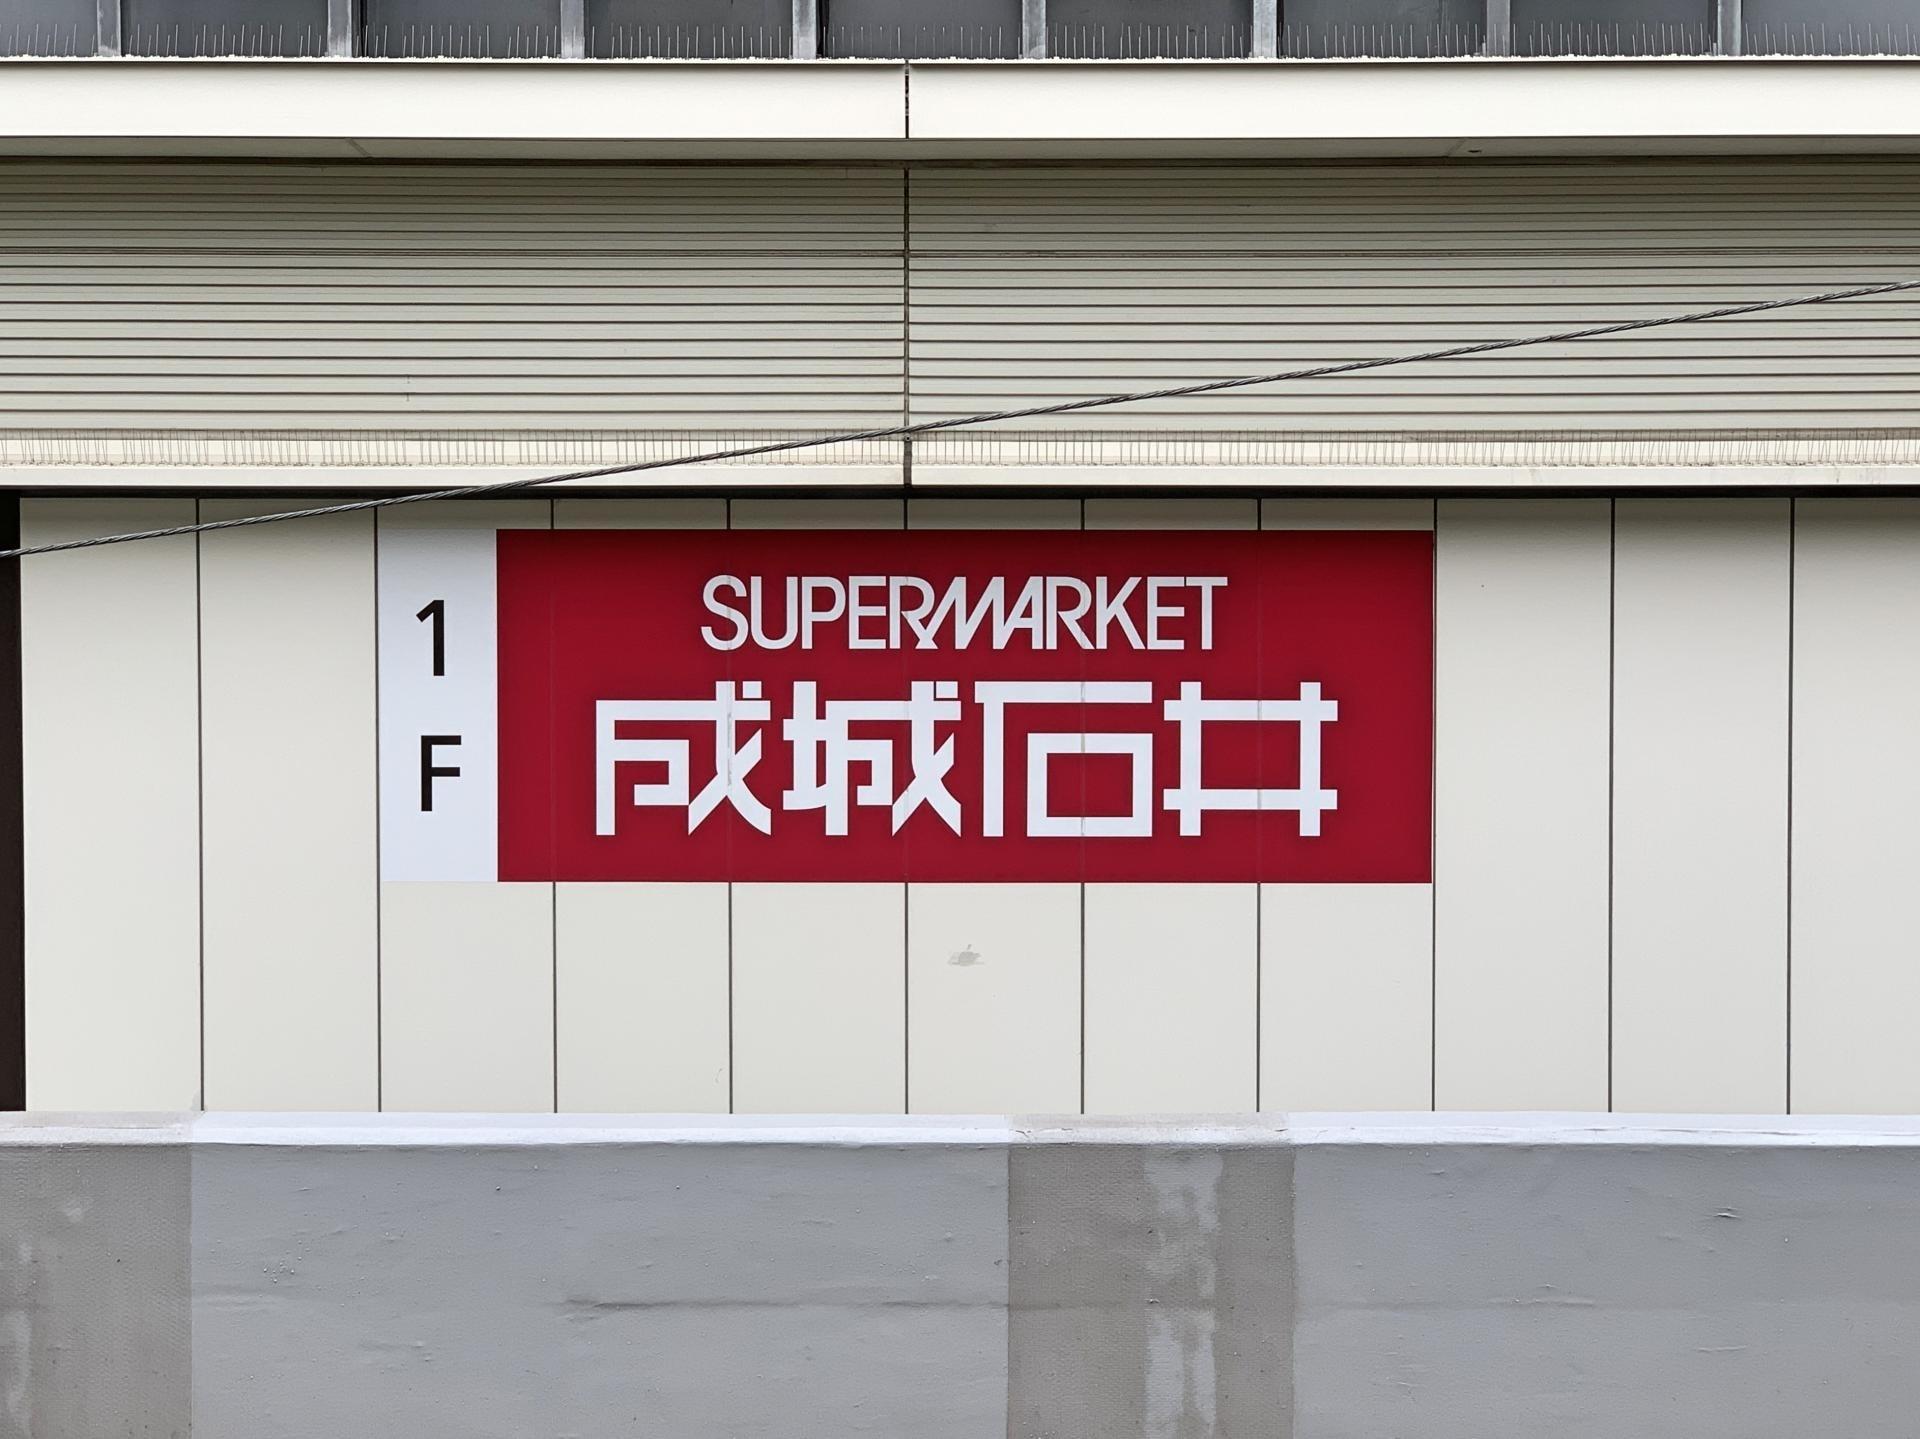 成城石井で買えるせんべい人気ランキング!お土産にもおすすめの美味しい一品は?